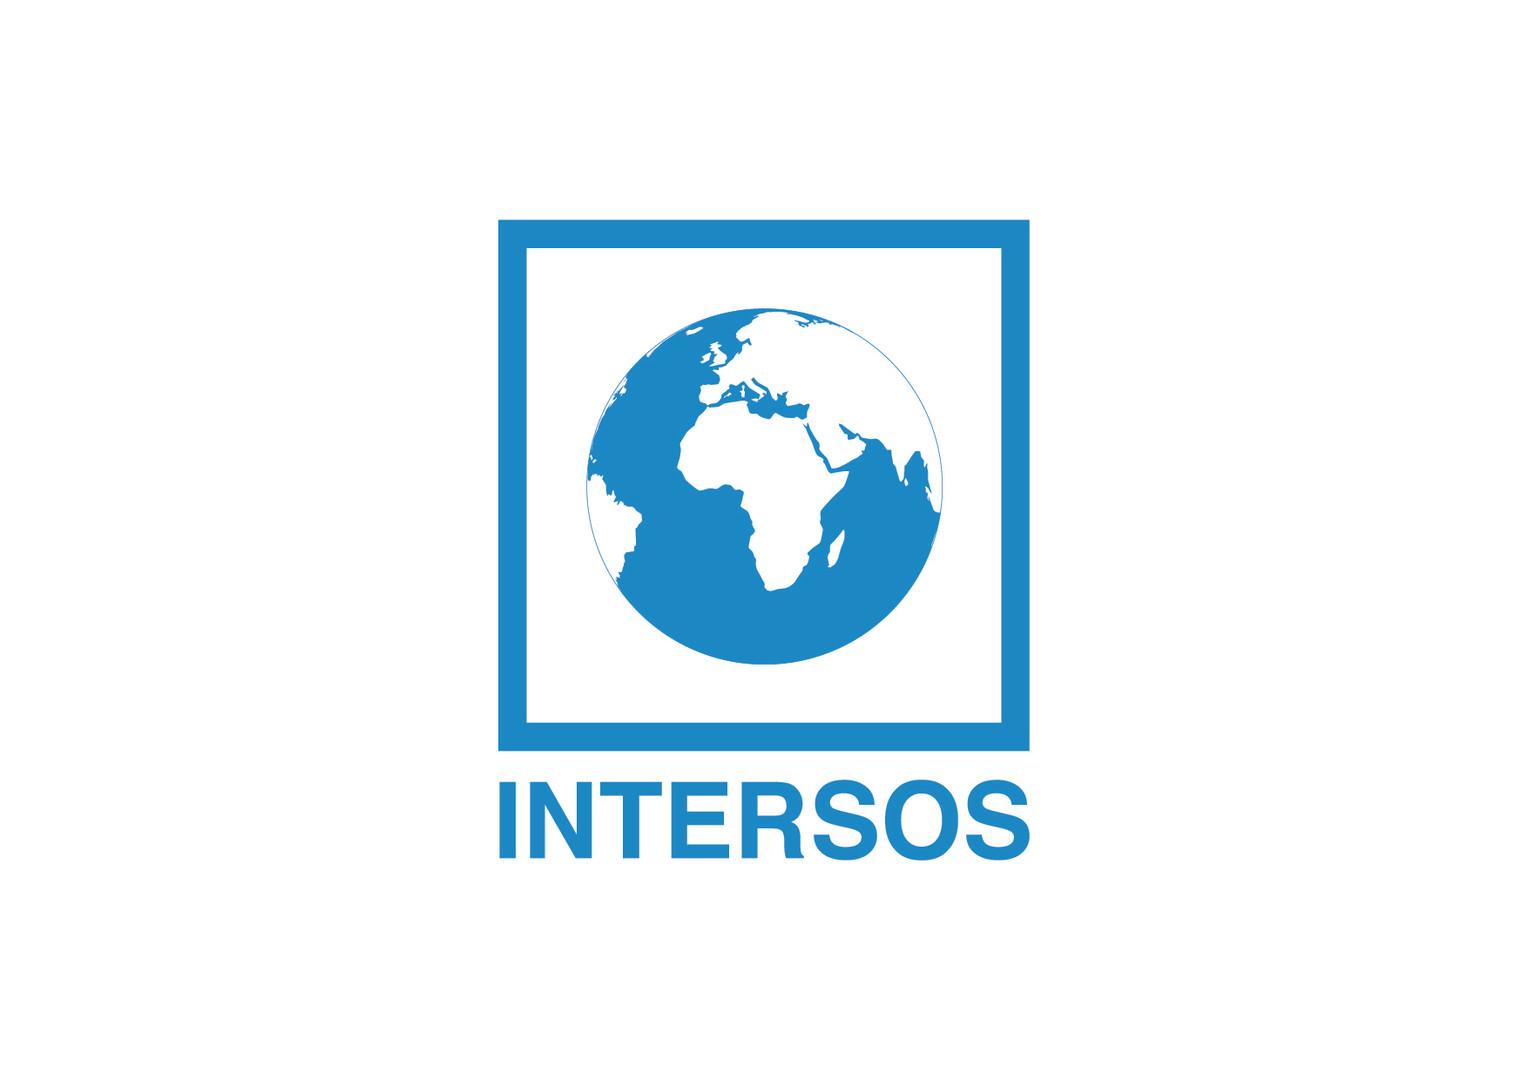 intersos.jpg